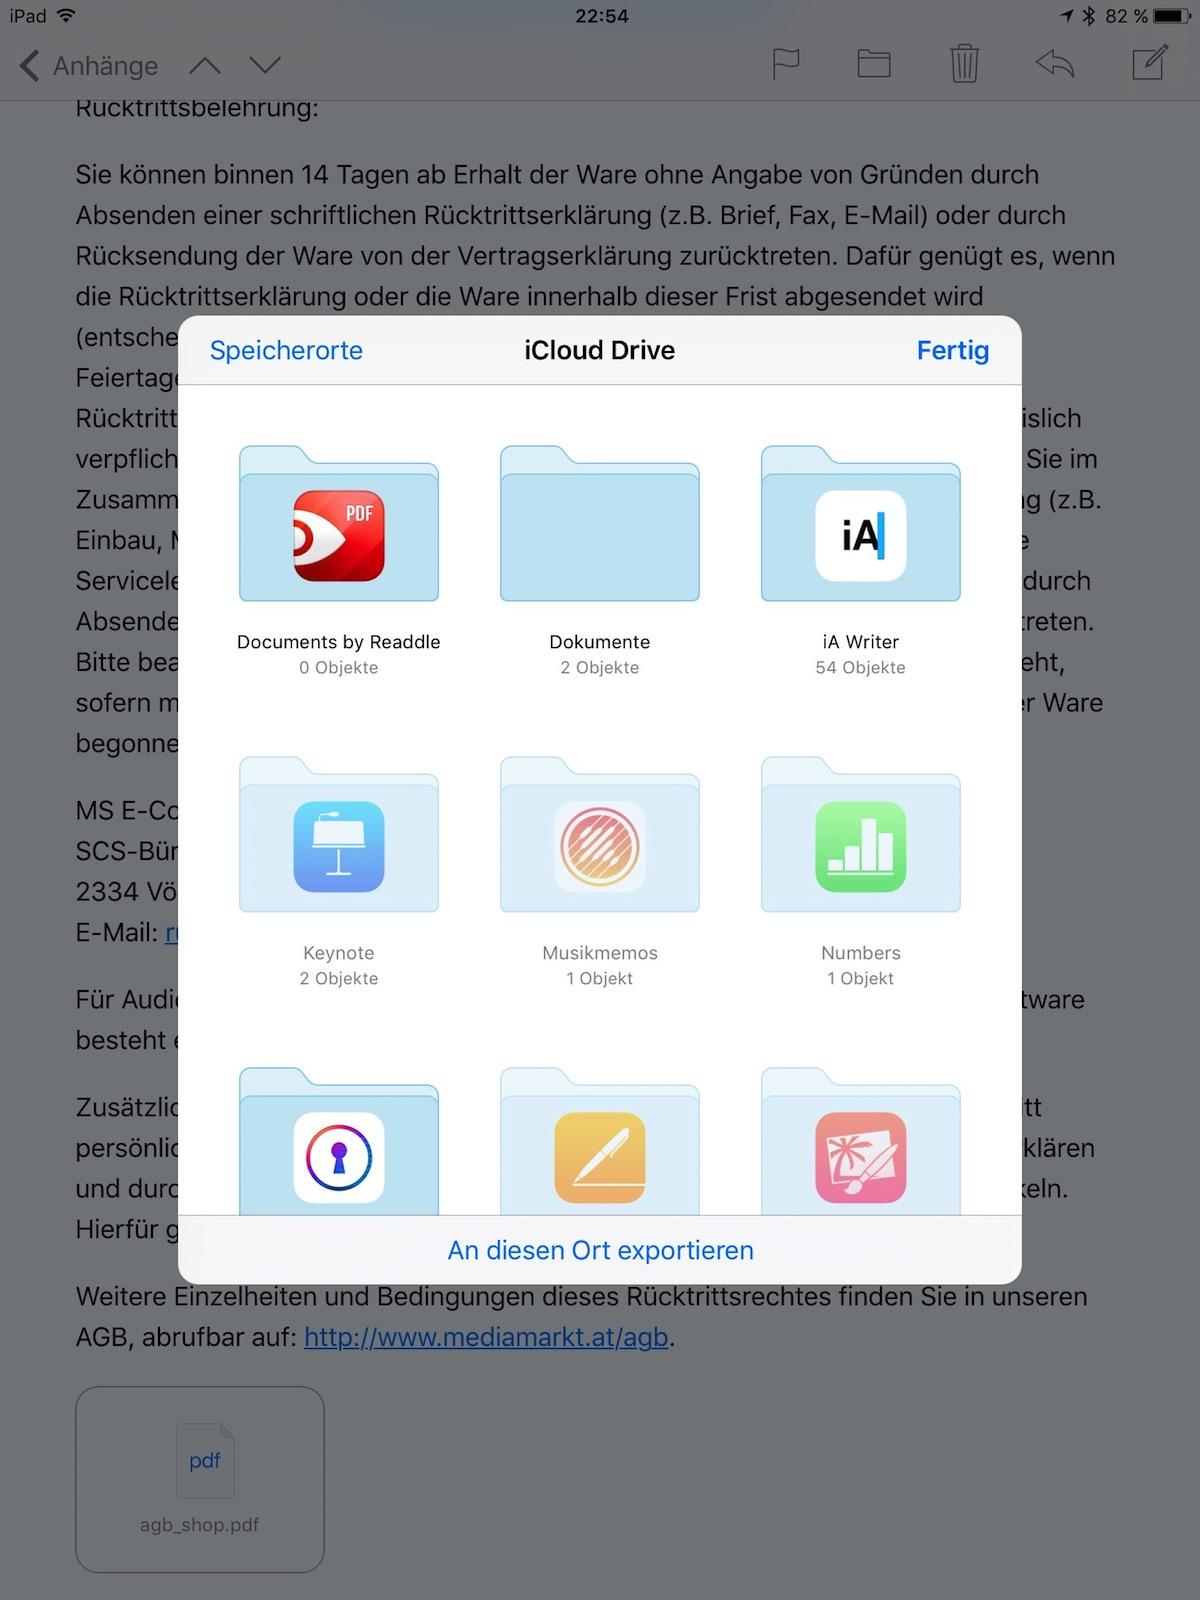 Tutorial - Anhänge in iCloud sichern